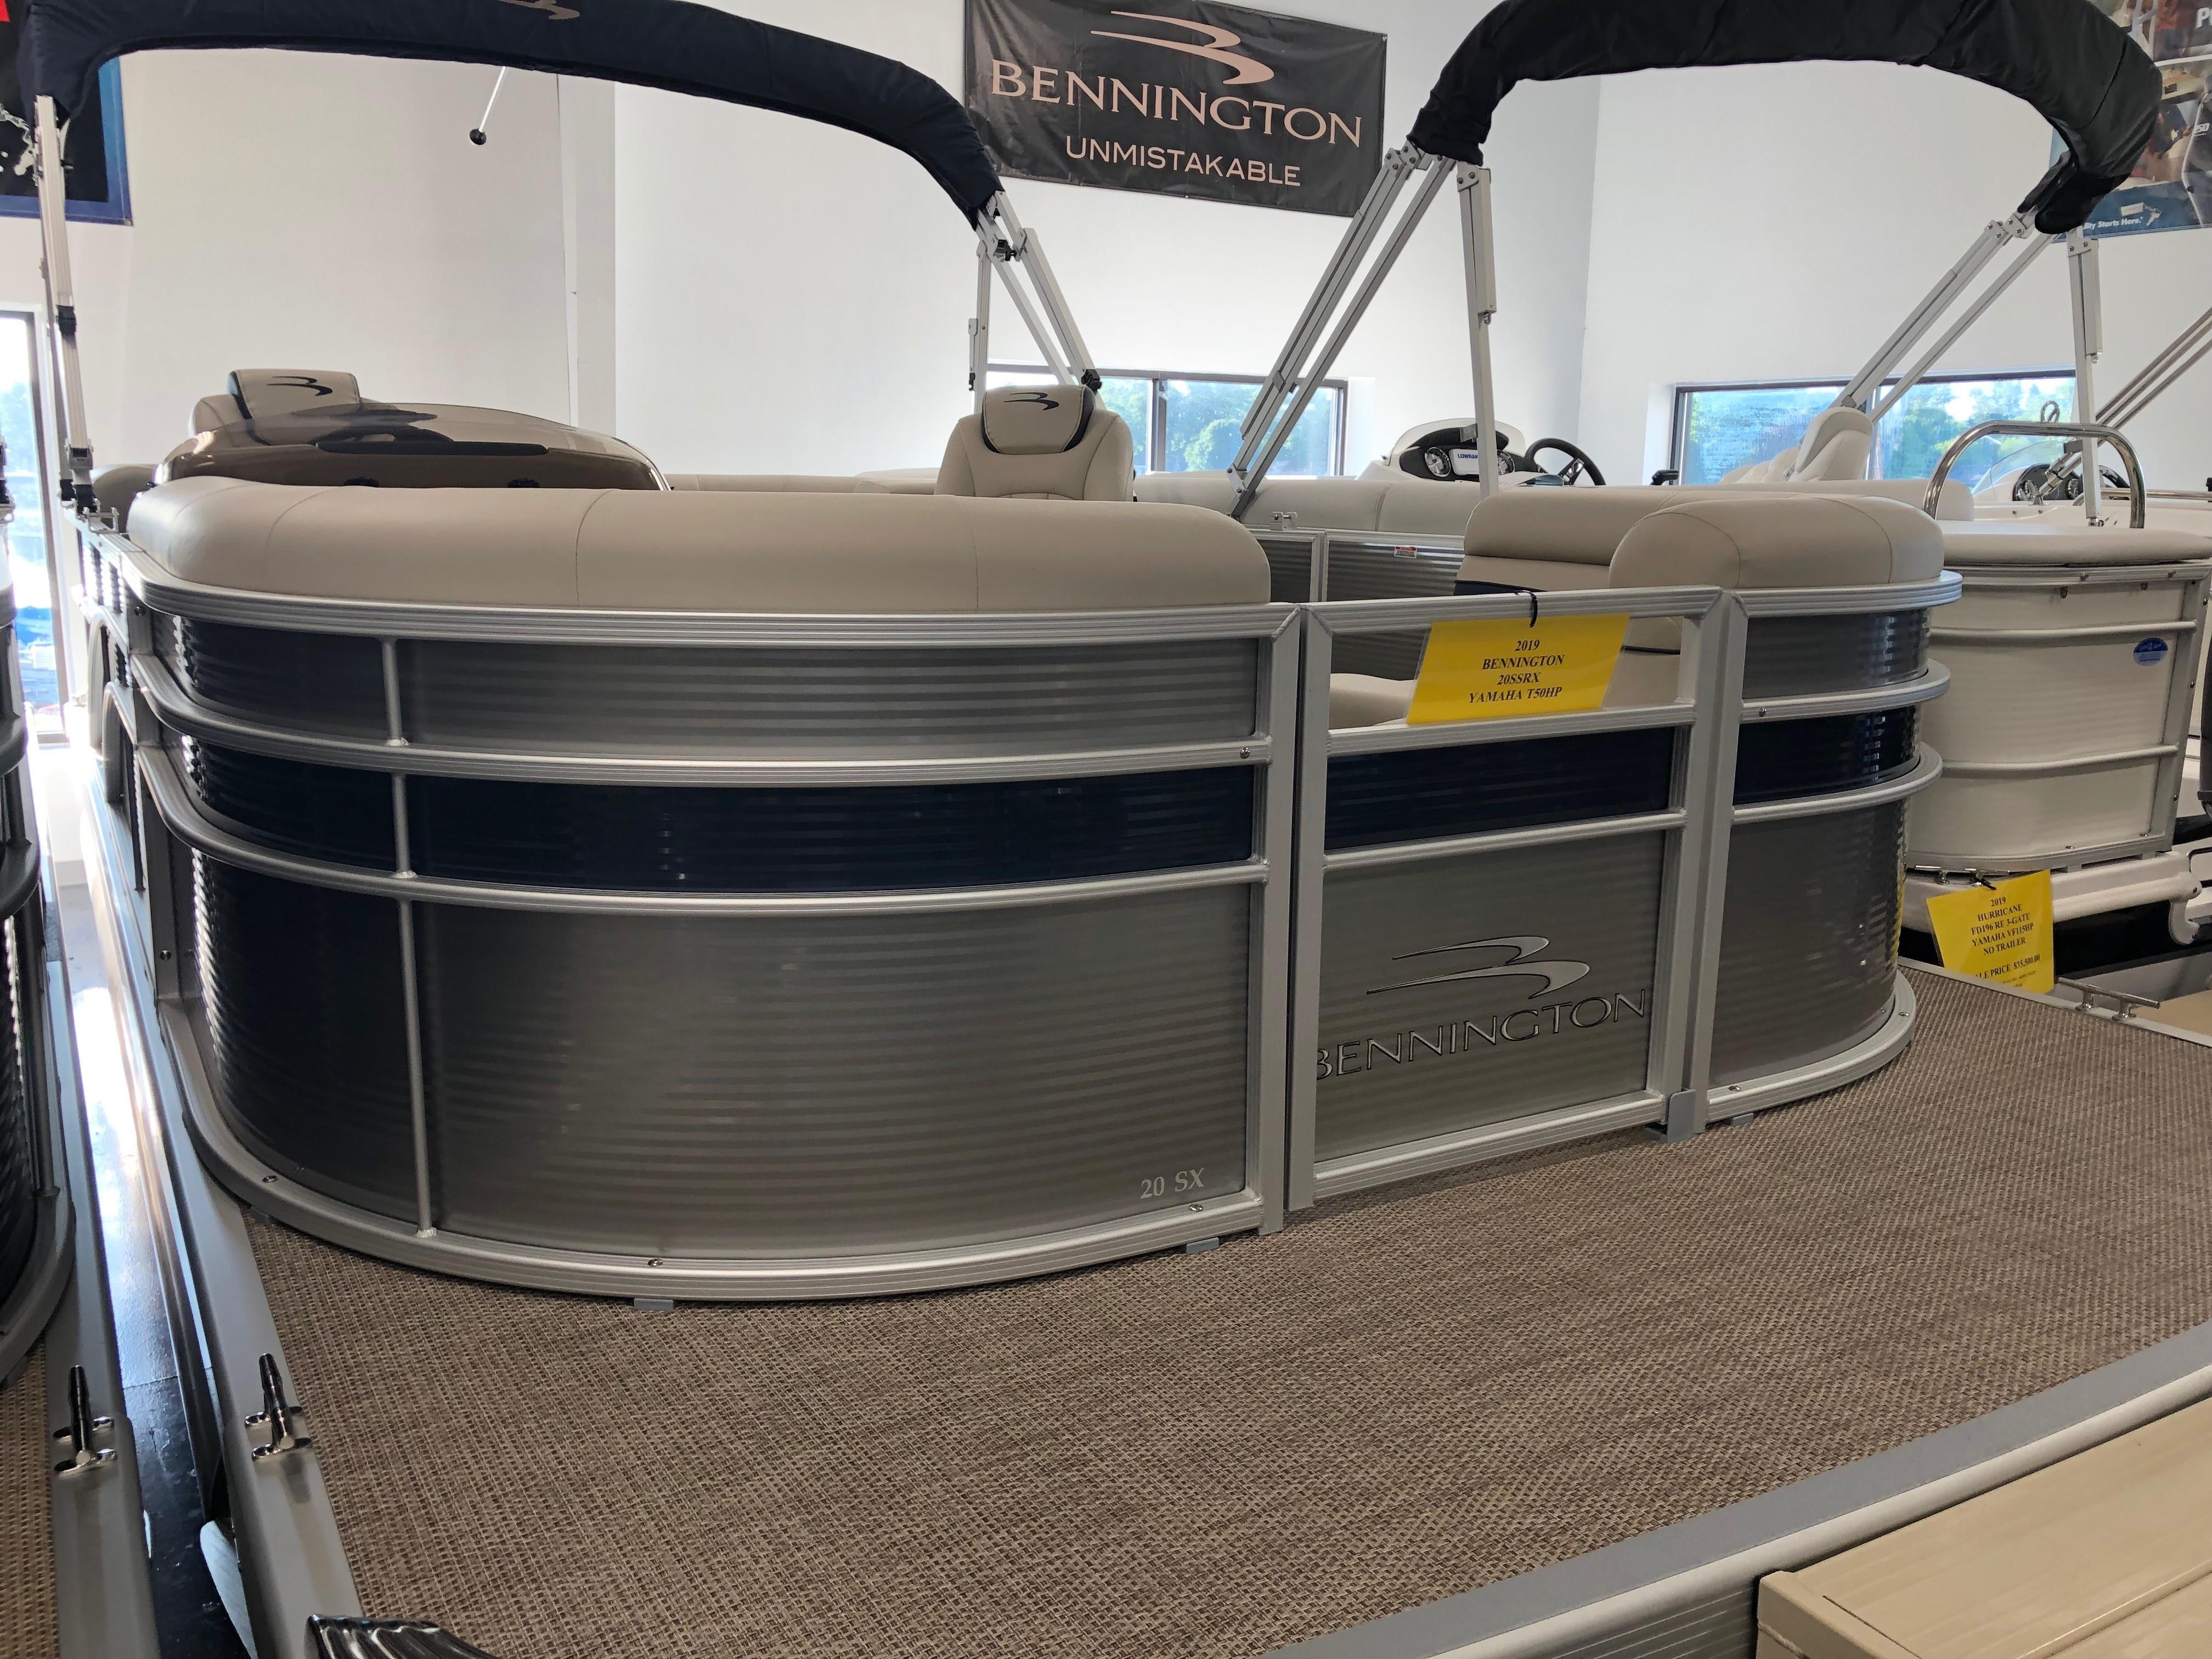 2019 Bennington 20SSRX, Mishawaka Indiana - boats com